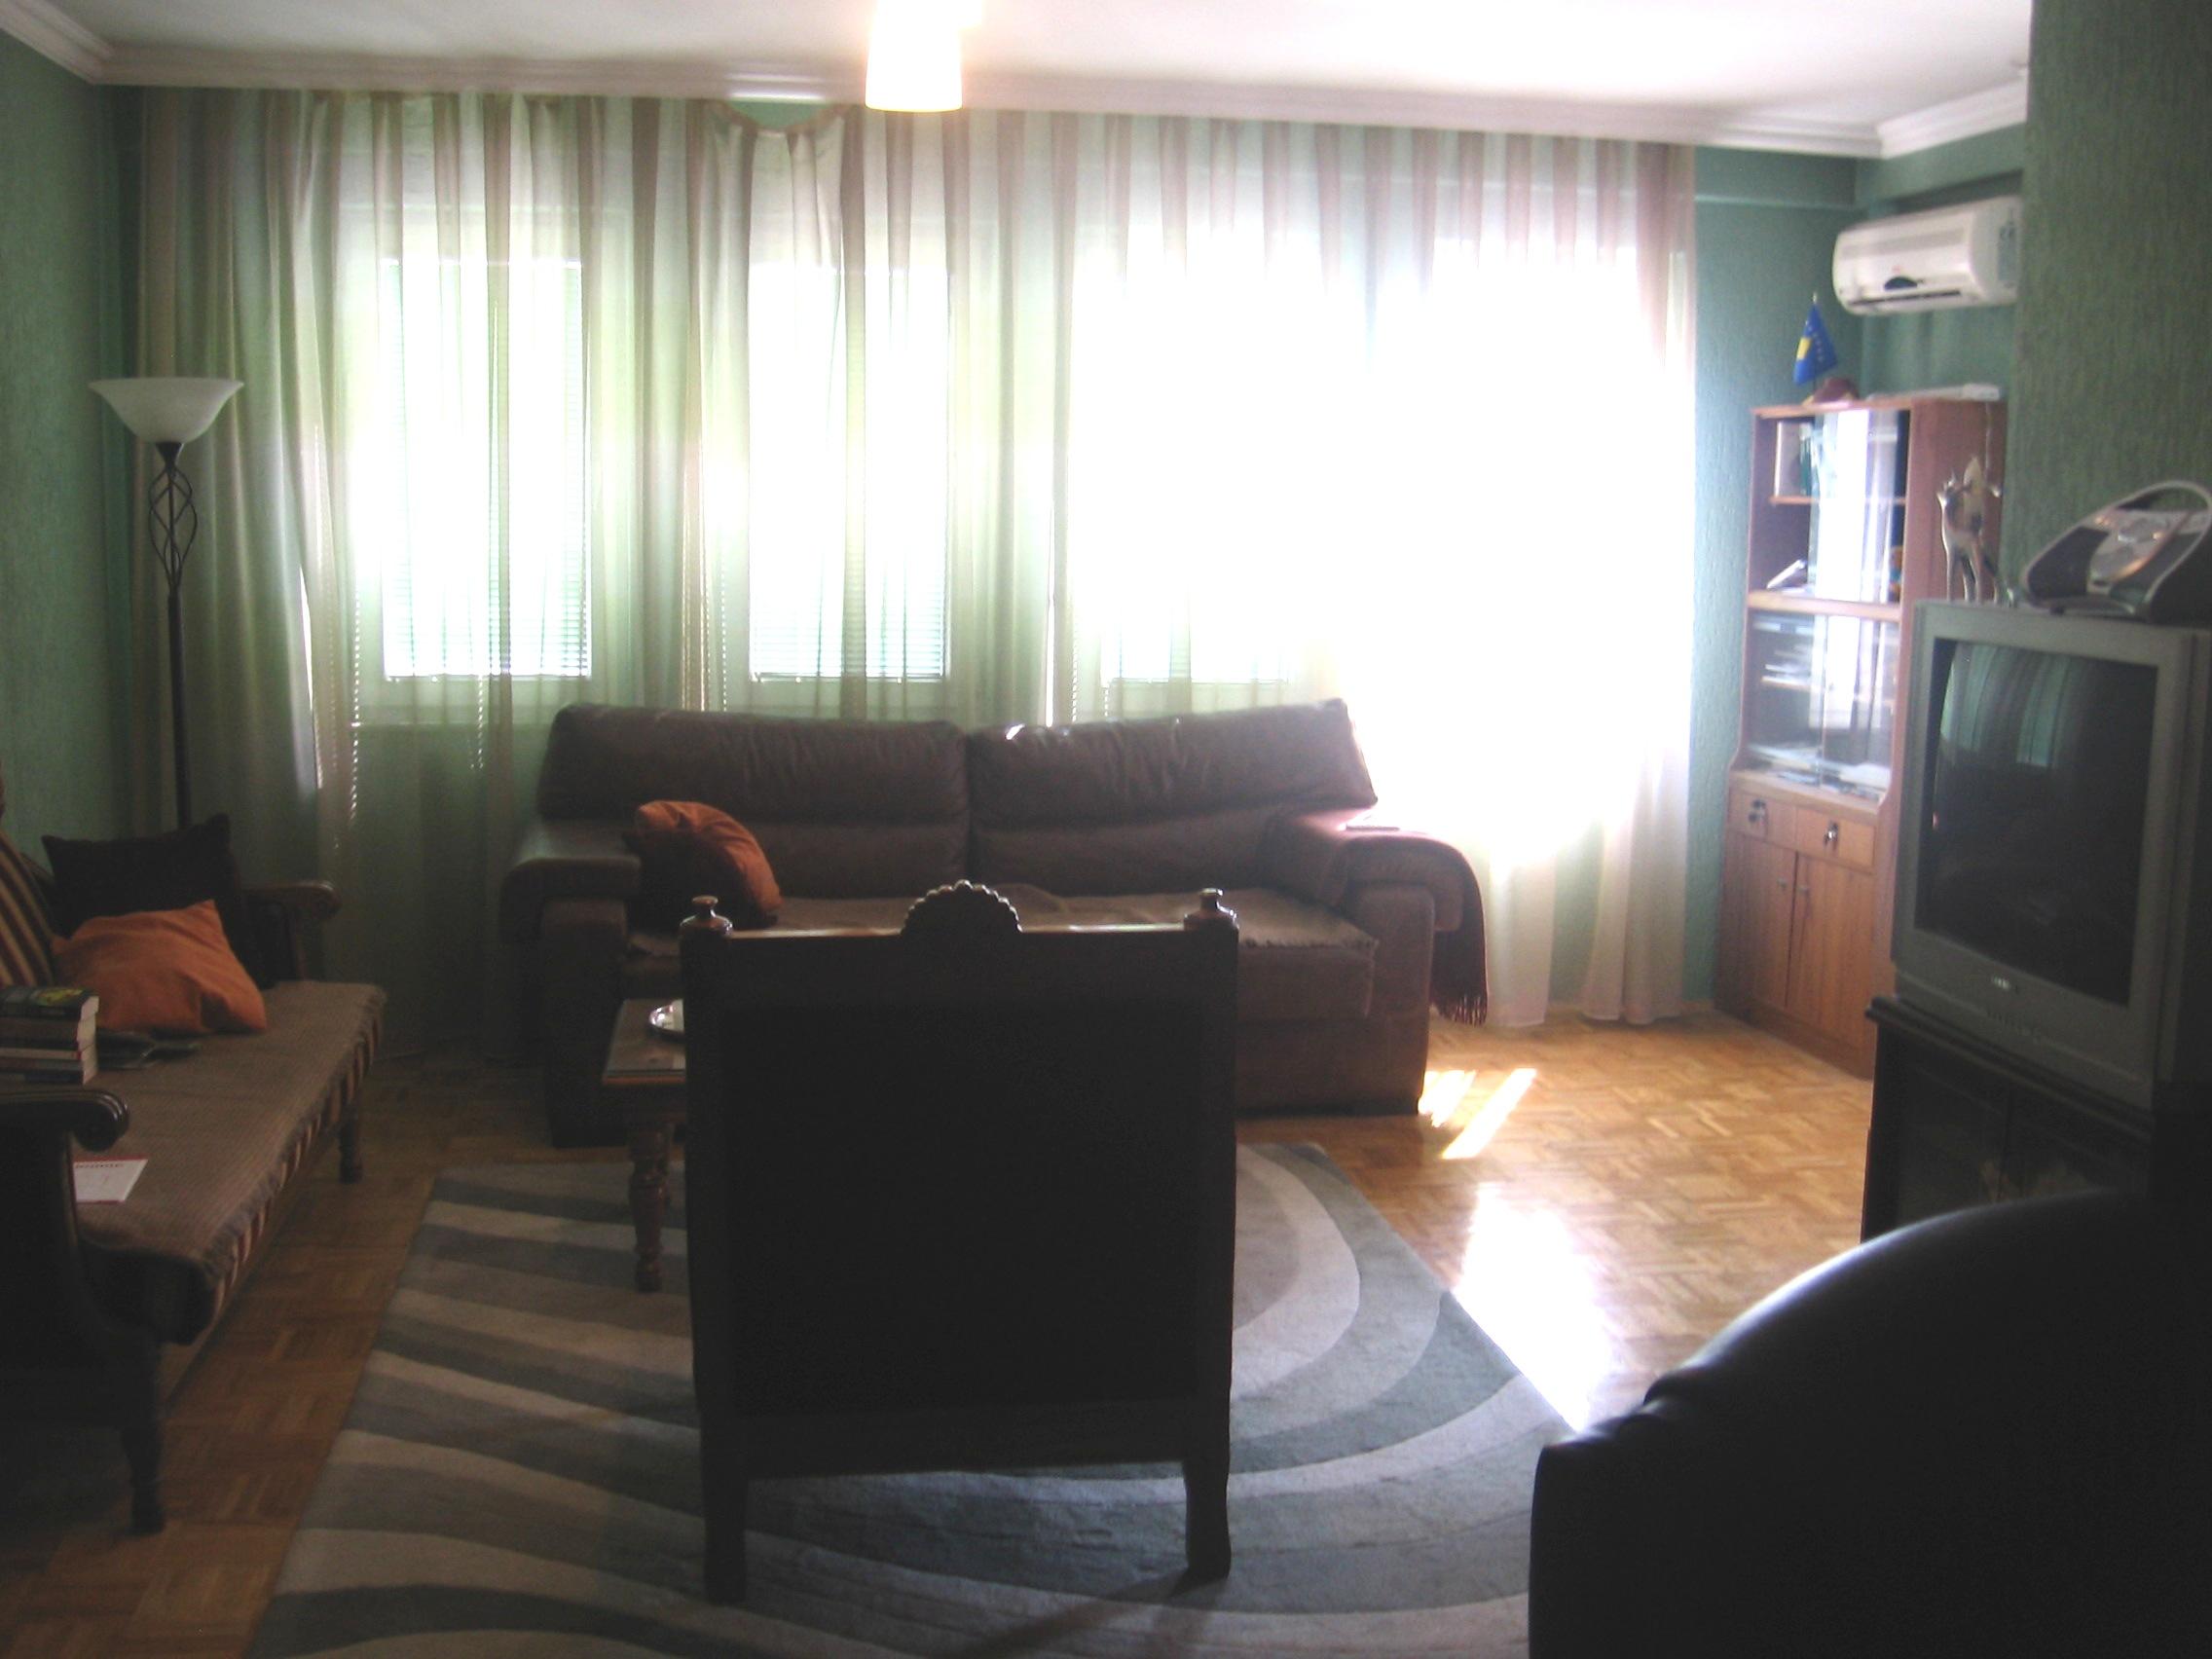 Ipet me qira banesa 3 dhomëshe 80m2 në lagjen Dodona